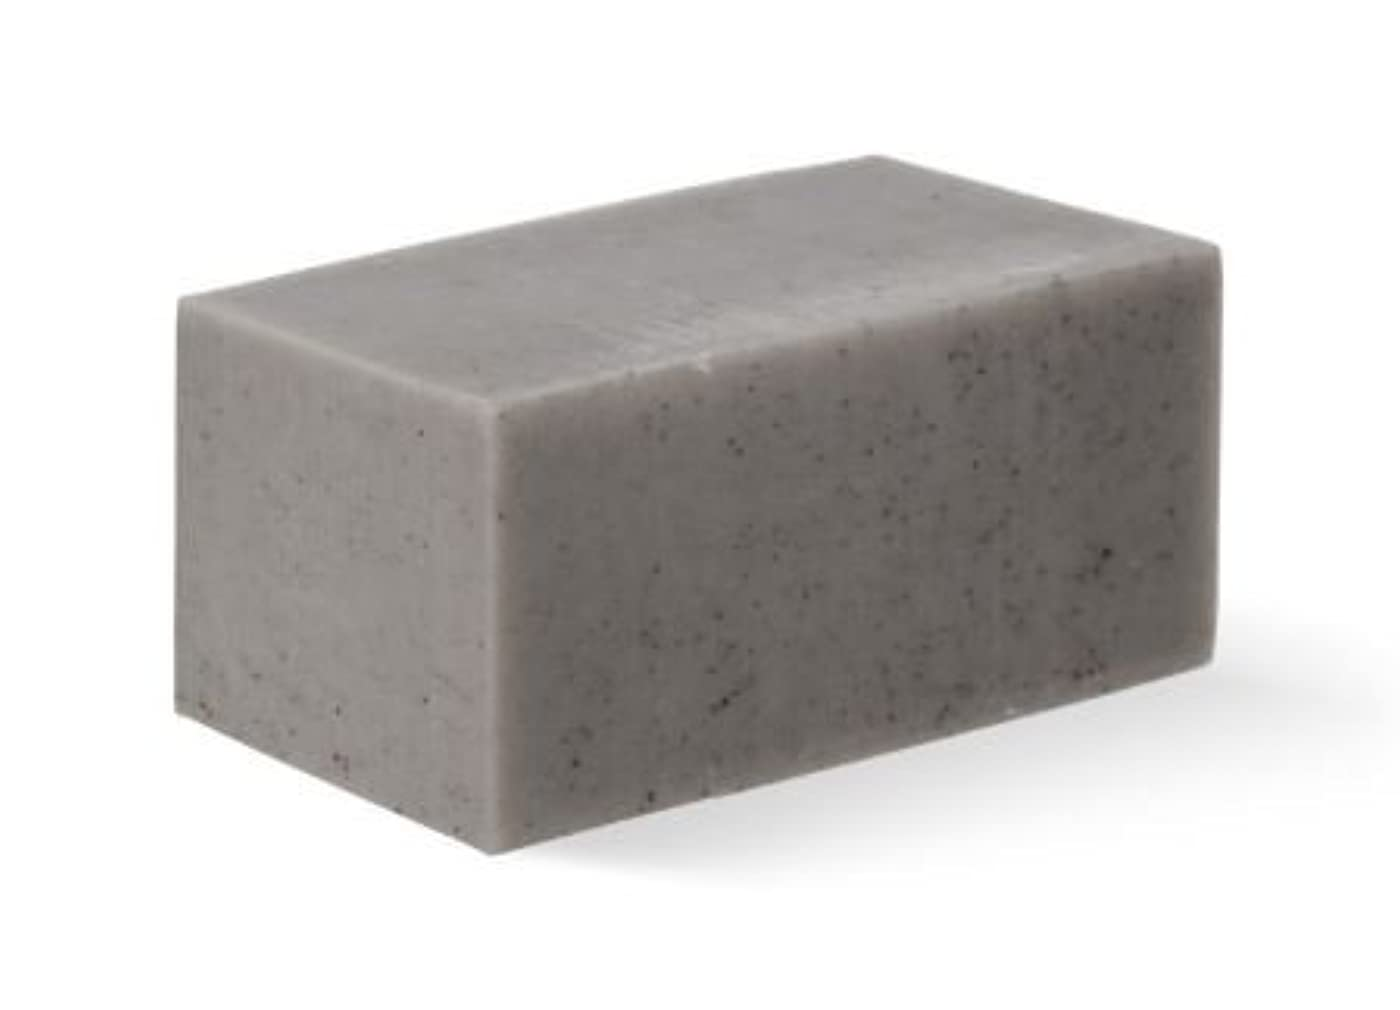 ささやき洪水矩形[Abib] Facial Soap grey Brick 100g/[アビブ]フェイシャルソープグレー ブリック100g [並行輸入品]